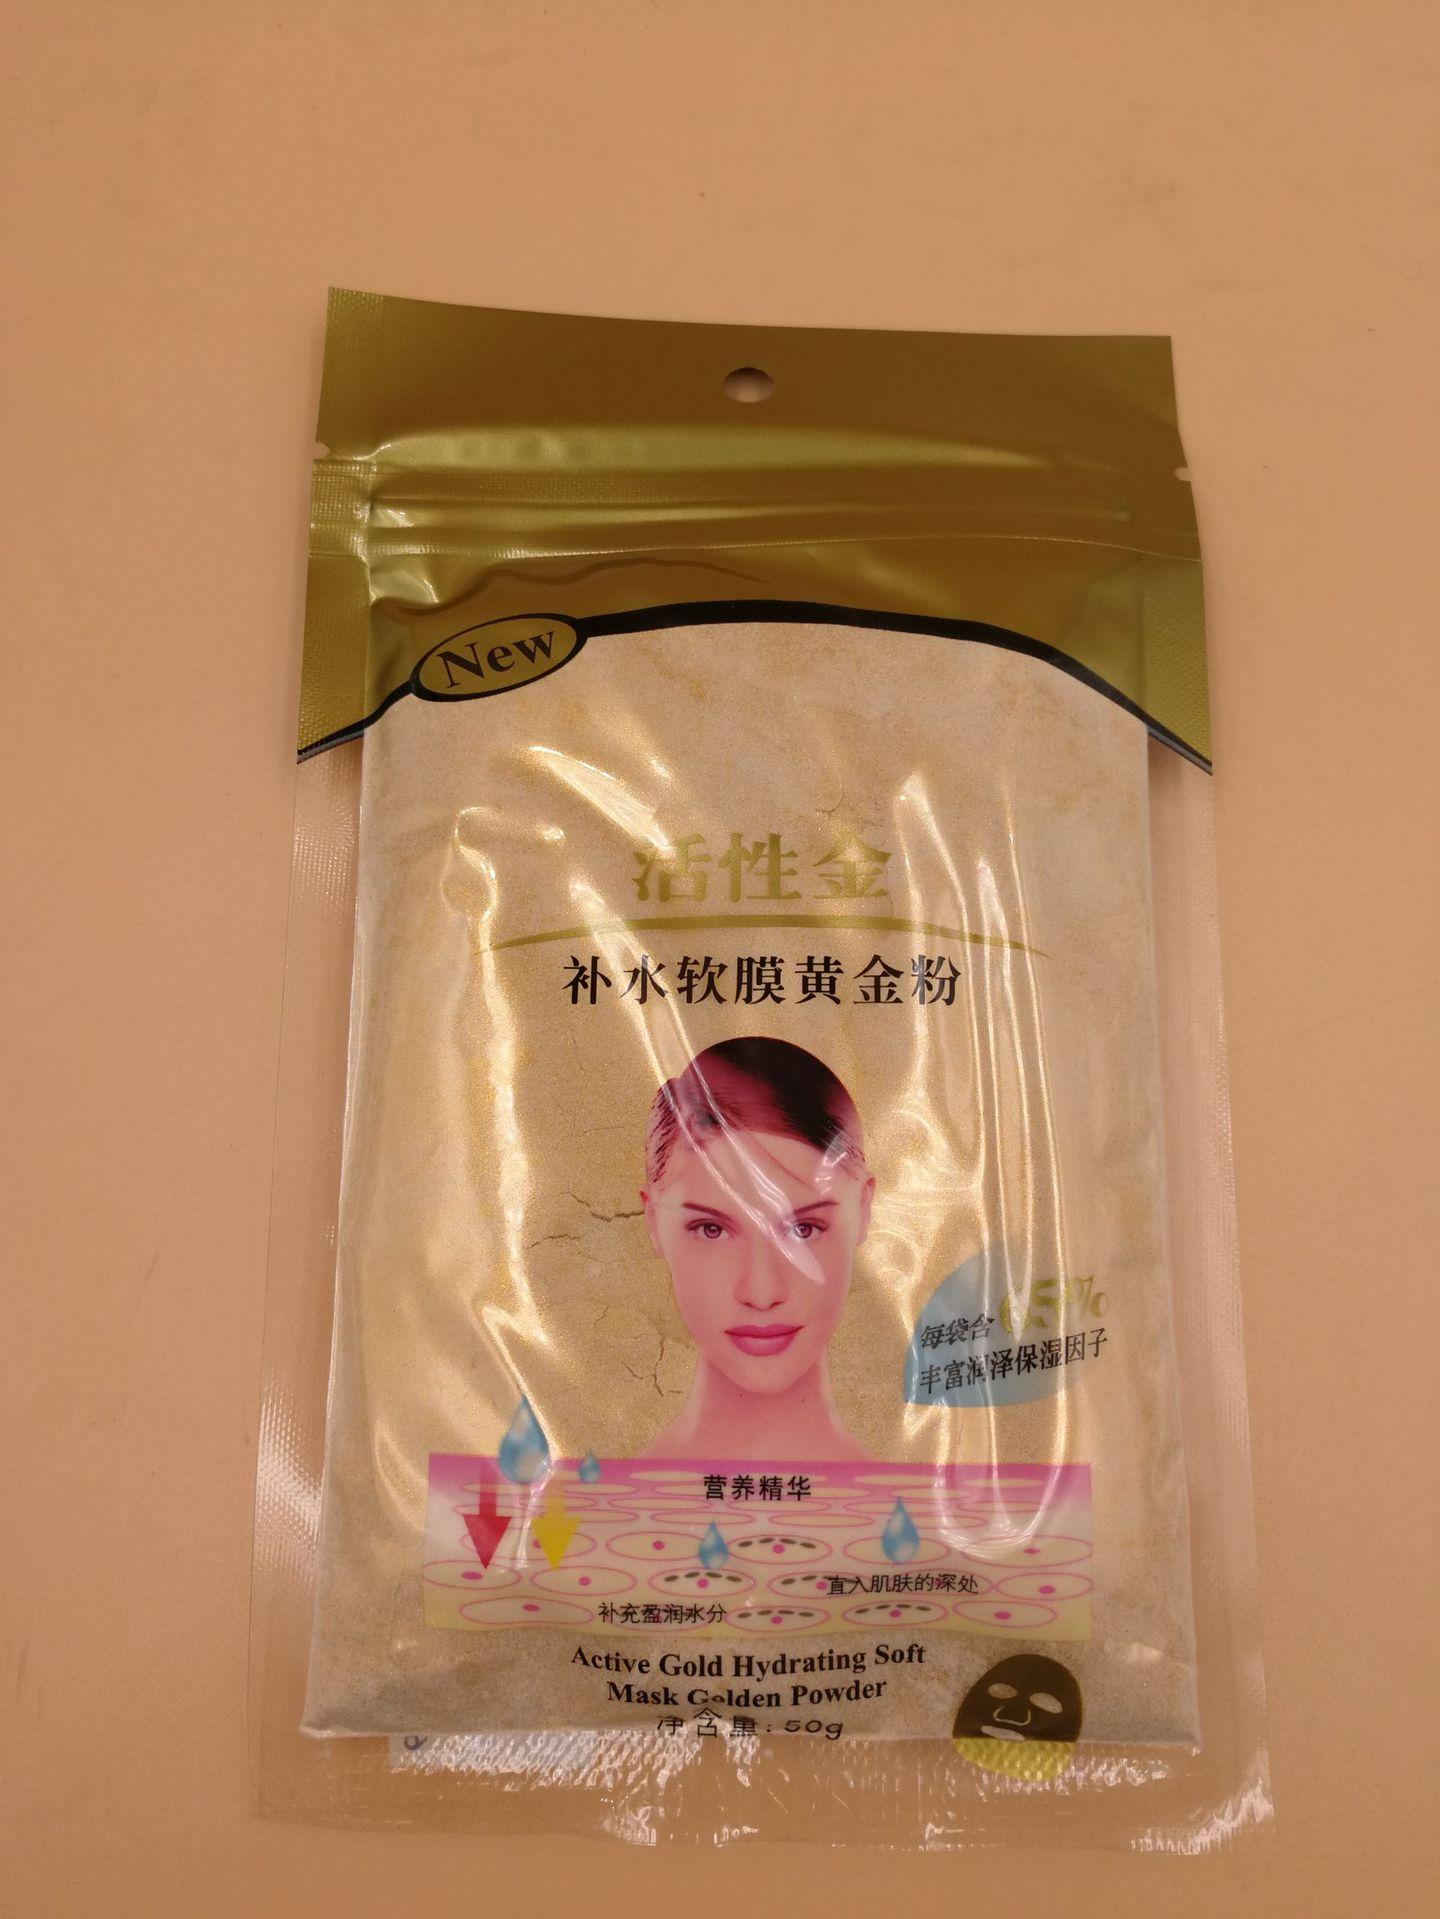 Masque pour le visage en poudre hydratante anti-rides collant aux cernes Masque pour le visage au cristal de collagène